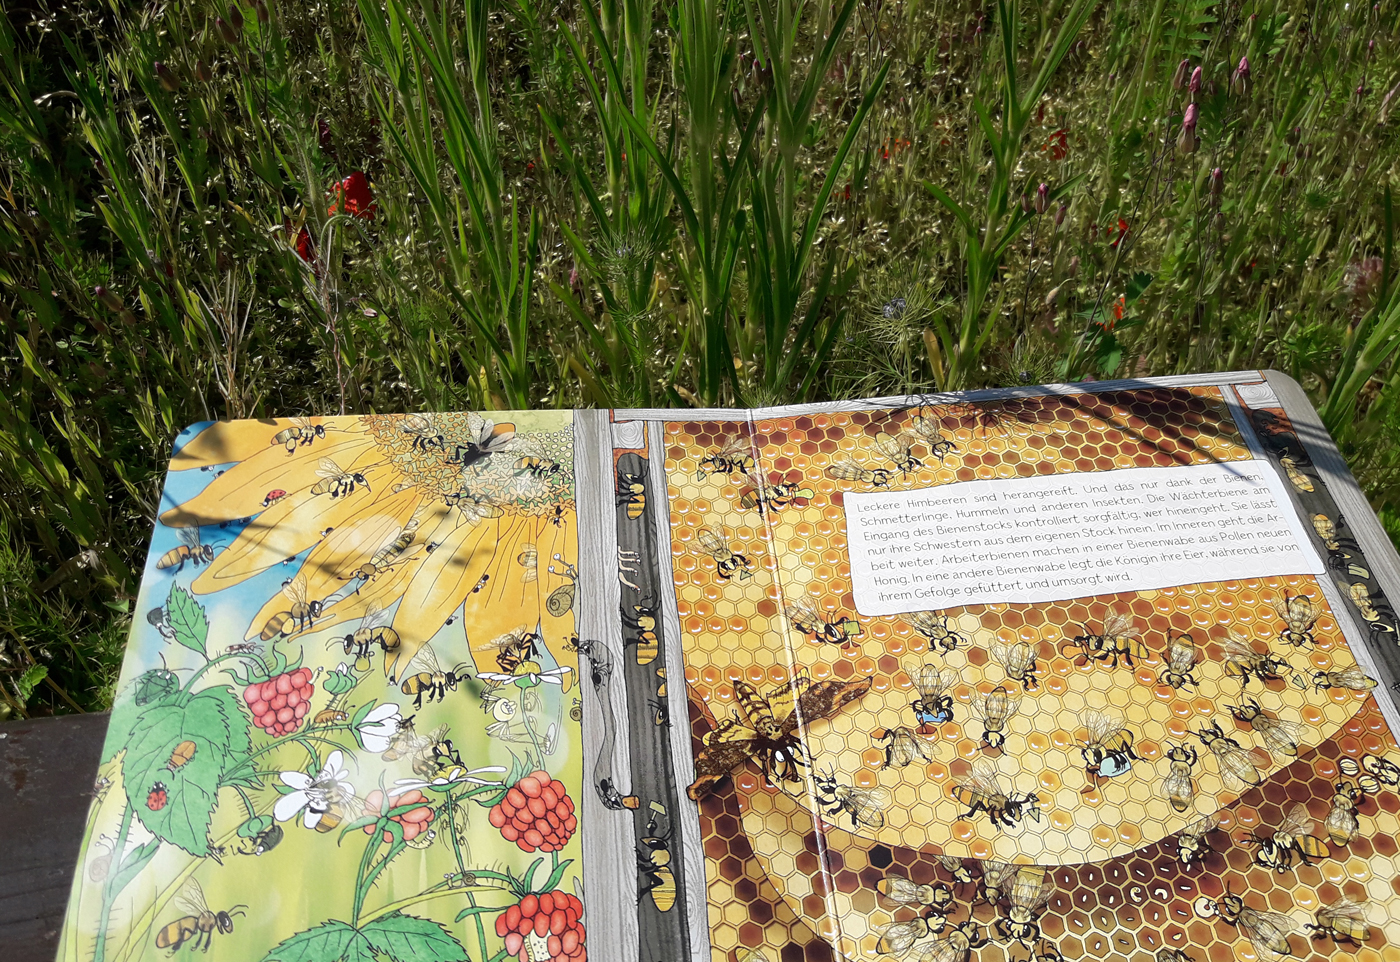 Schau, was machen die Bienen? Ein Wimmelbuch zum Staunen! Foto: Kristin Steffan/ForestFinance